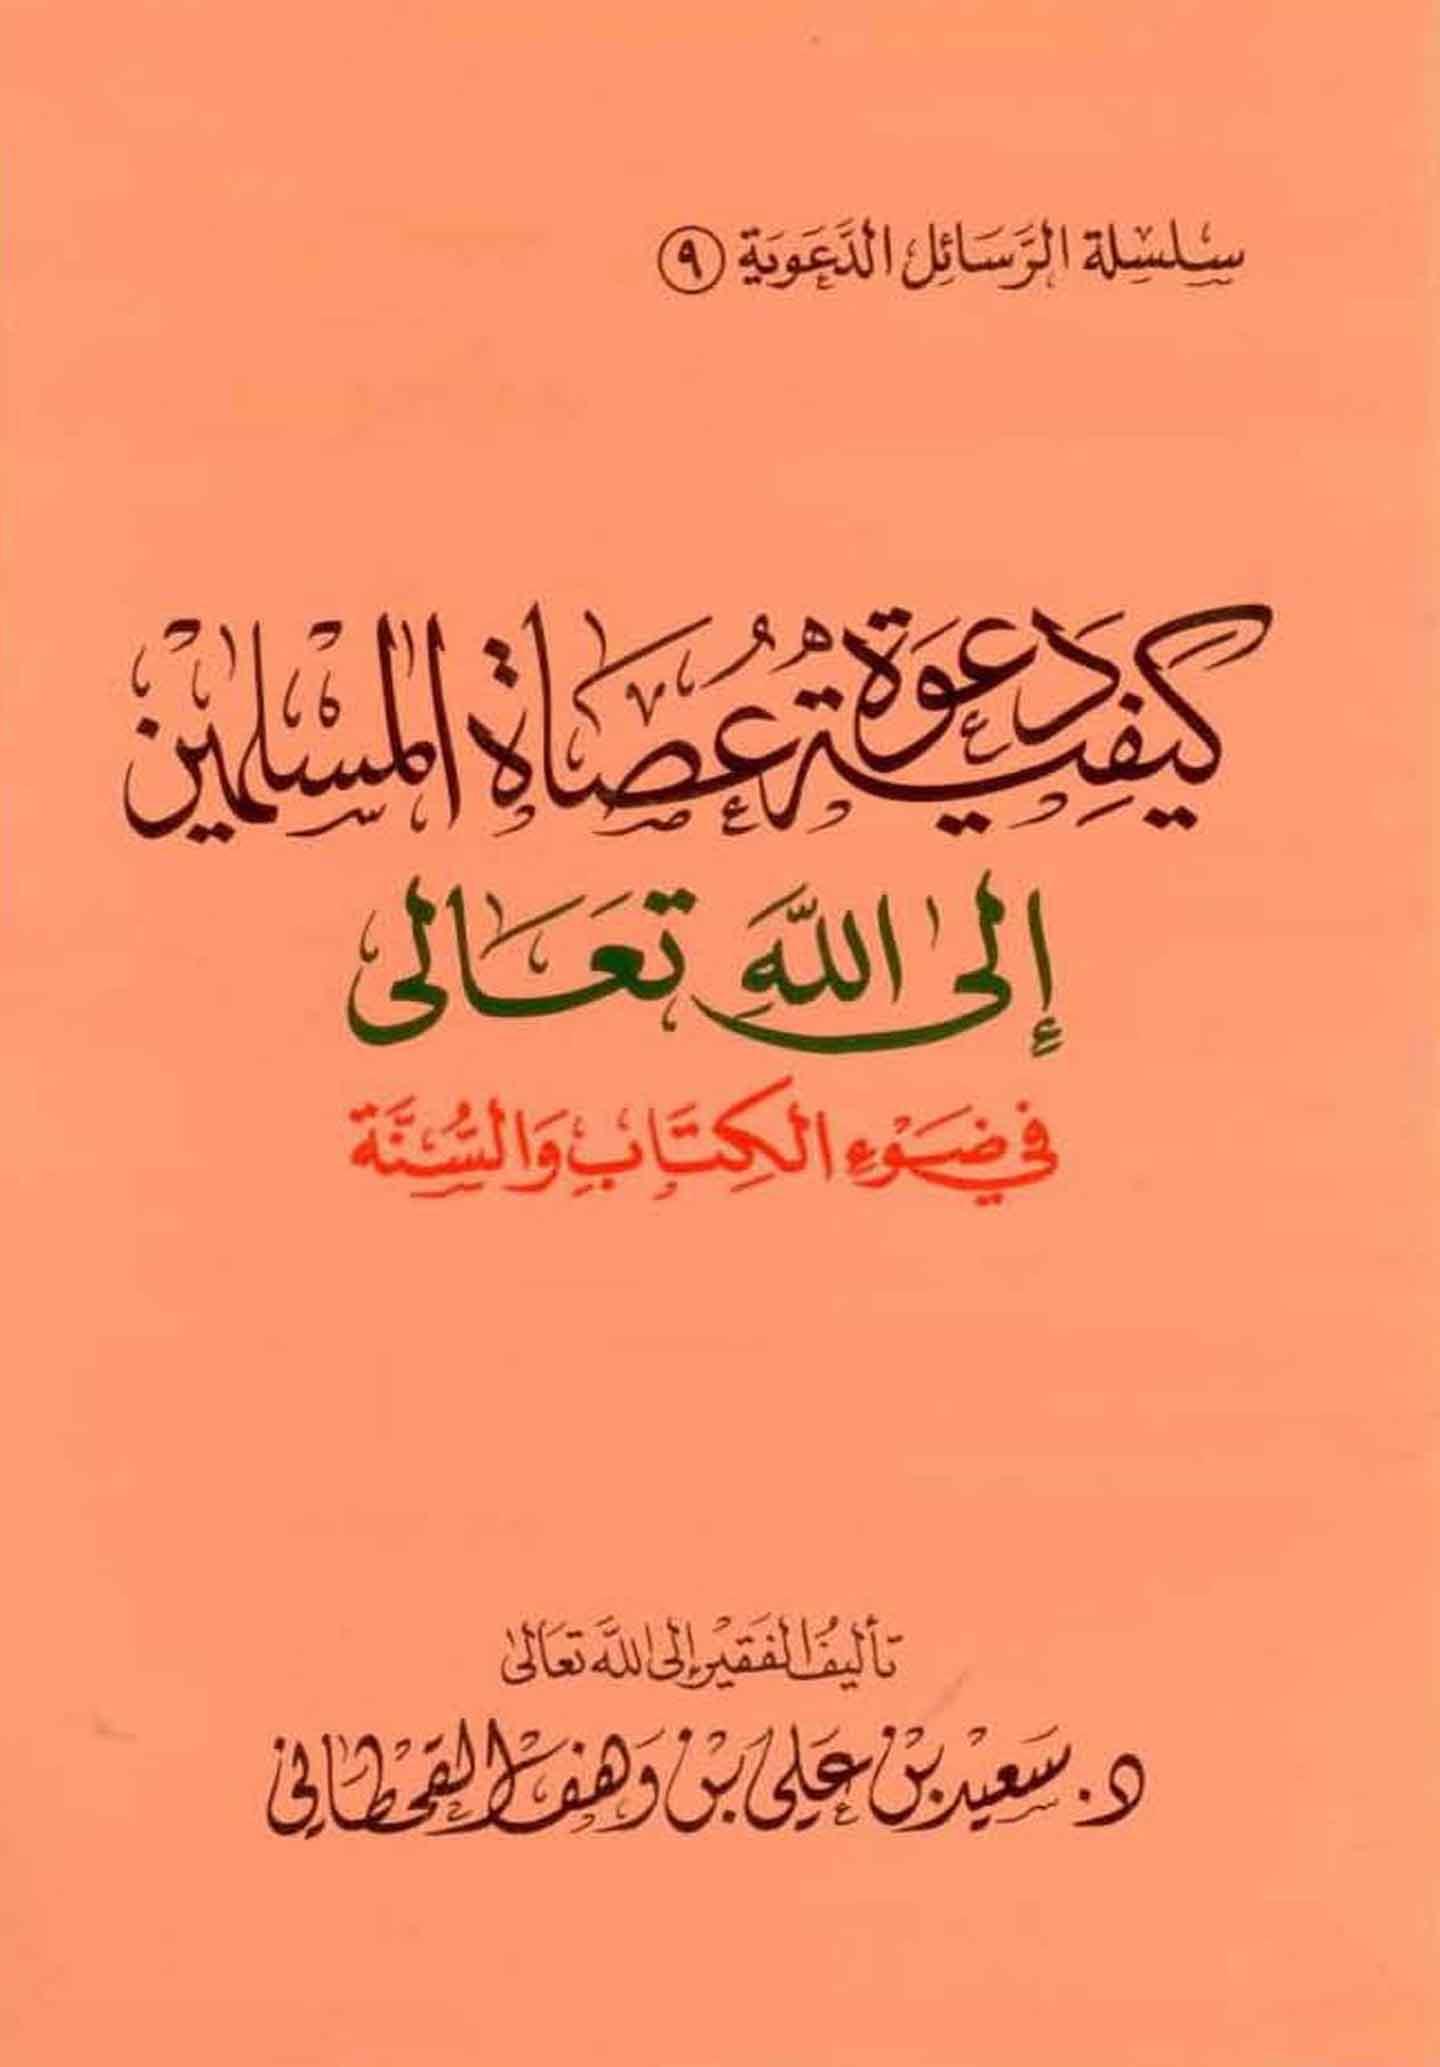 كيفية دعوة عصاة المسلمين إلى الله تعالى في ضوء الكتاب والسنة